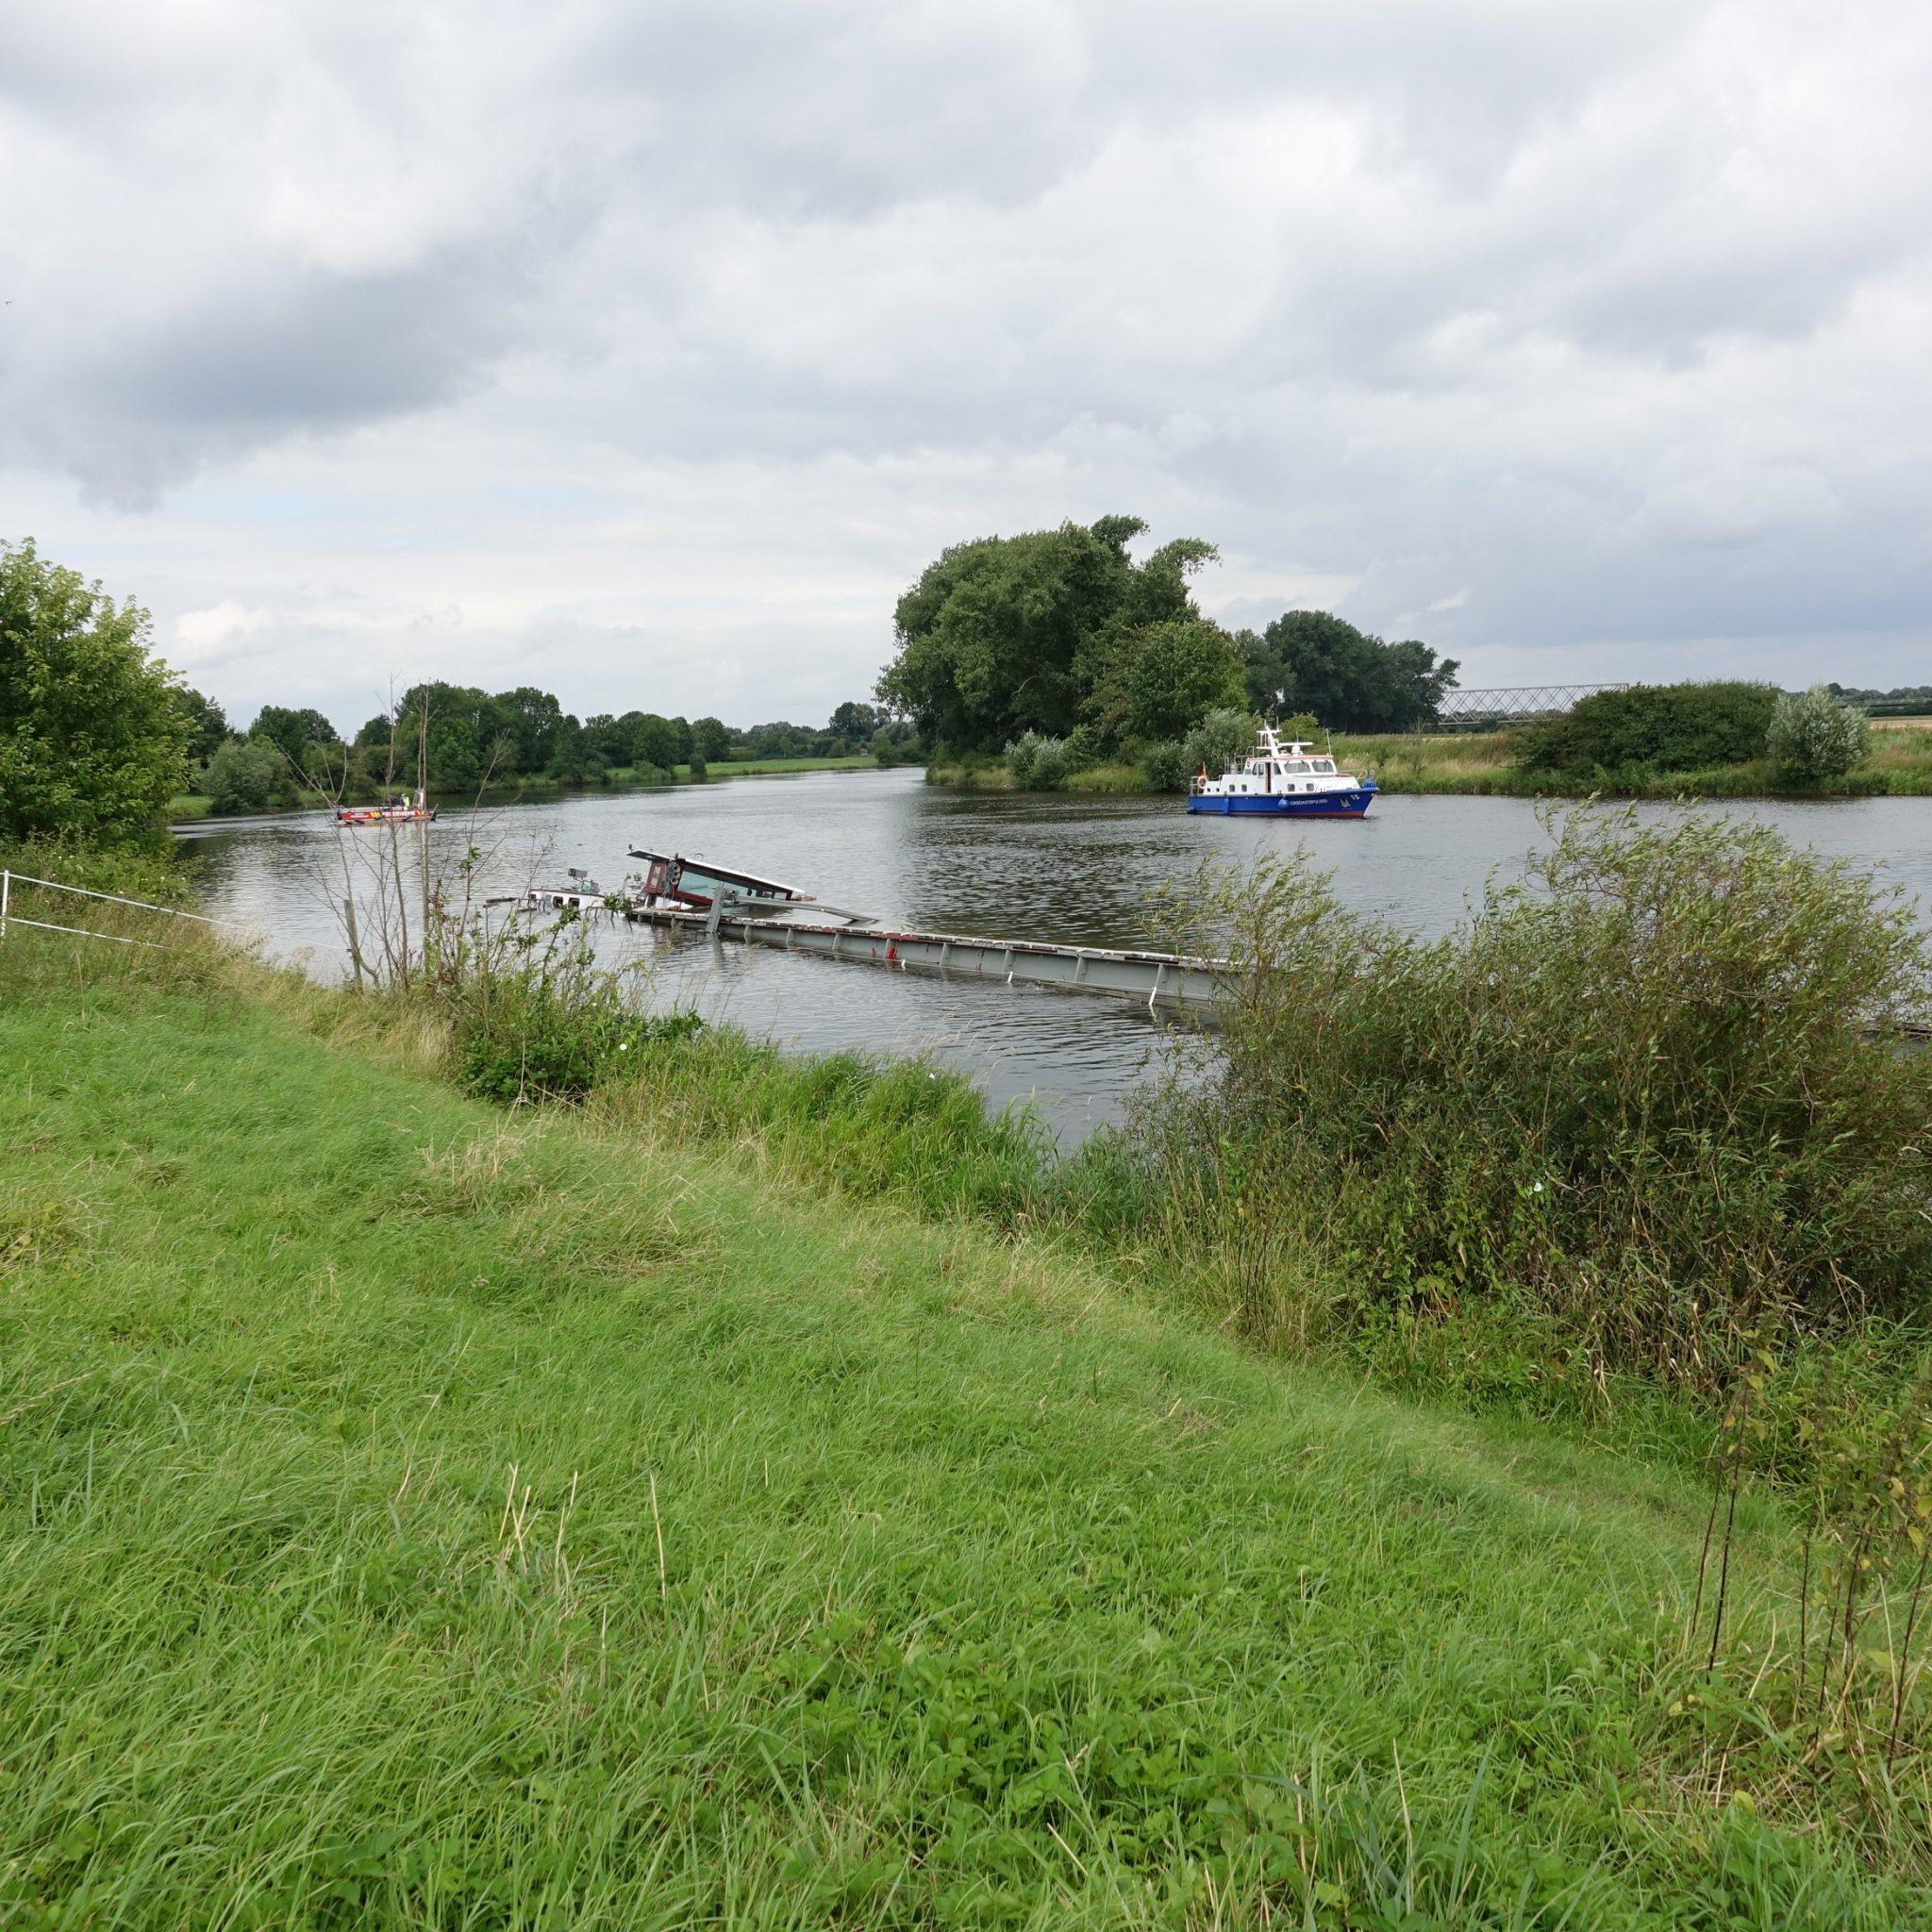 Hoewel de West Oder 1 gestrekt in de rivier ligt en er ruimte lijkt te zijn om te passeren, is de vaart sinds zondag volledig gestremd. (Foto Brandweer Nienburg)